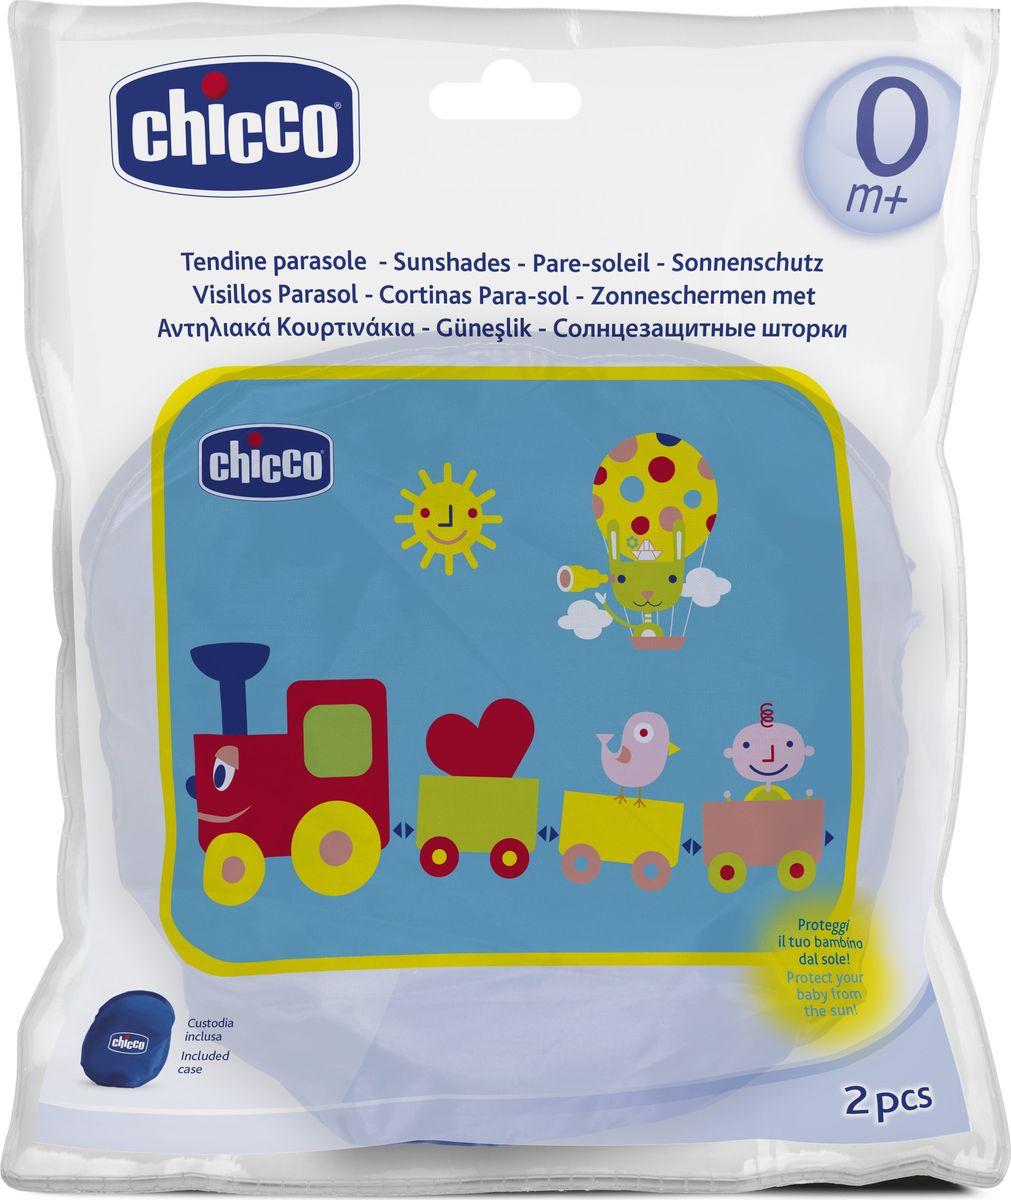 Chicco Шторки солнцезащитные для автомобиля Safe ПаровозикВетерок 2ГФСолнцезащитные шторки Chicco для автомобиля помогут сделать путешествие комфортным для вашего малыша. Шторки имеют привлекательный дизайн, крепятся на присоски, сделаны из прочных нетканых материалов и имеют долговечный каркас из стальной проволоки. Шторки можно мыть. В комплекте: 2 штуки и сумка в подарок.